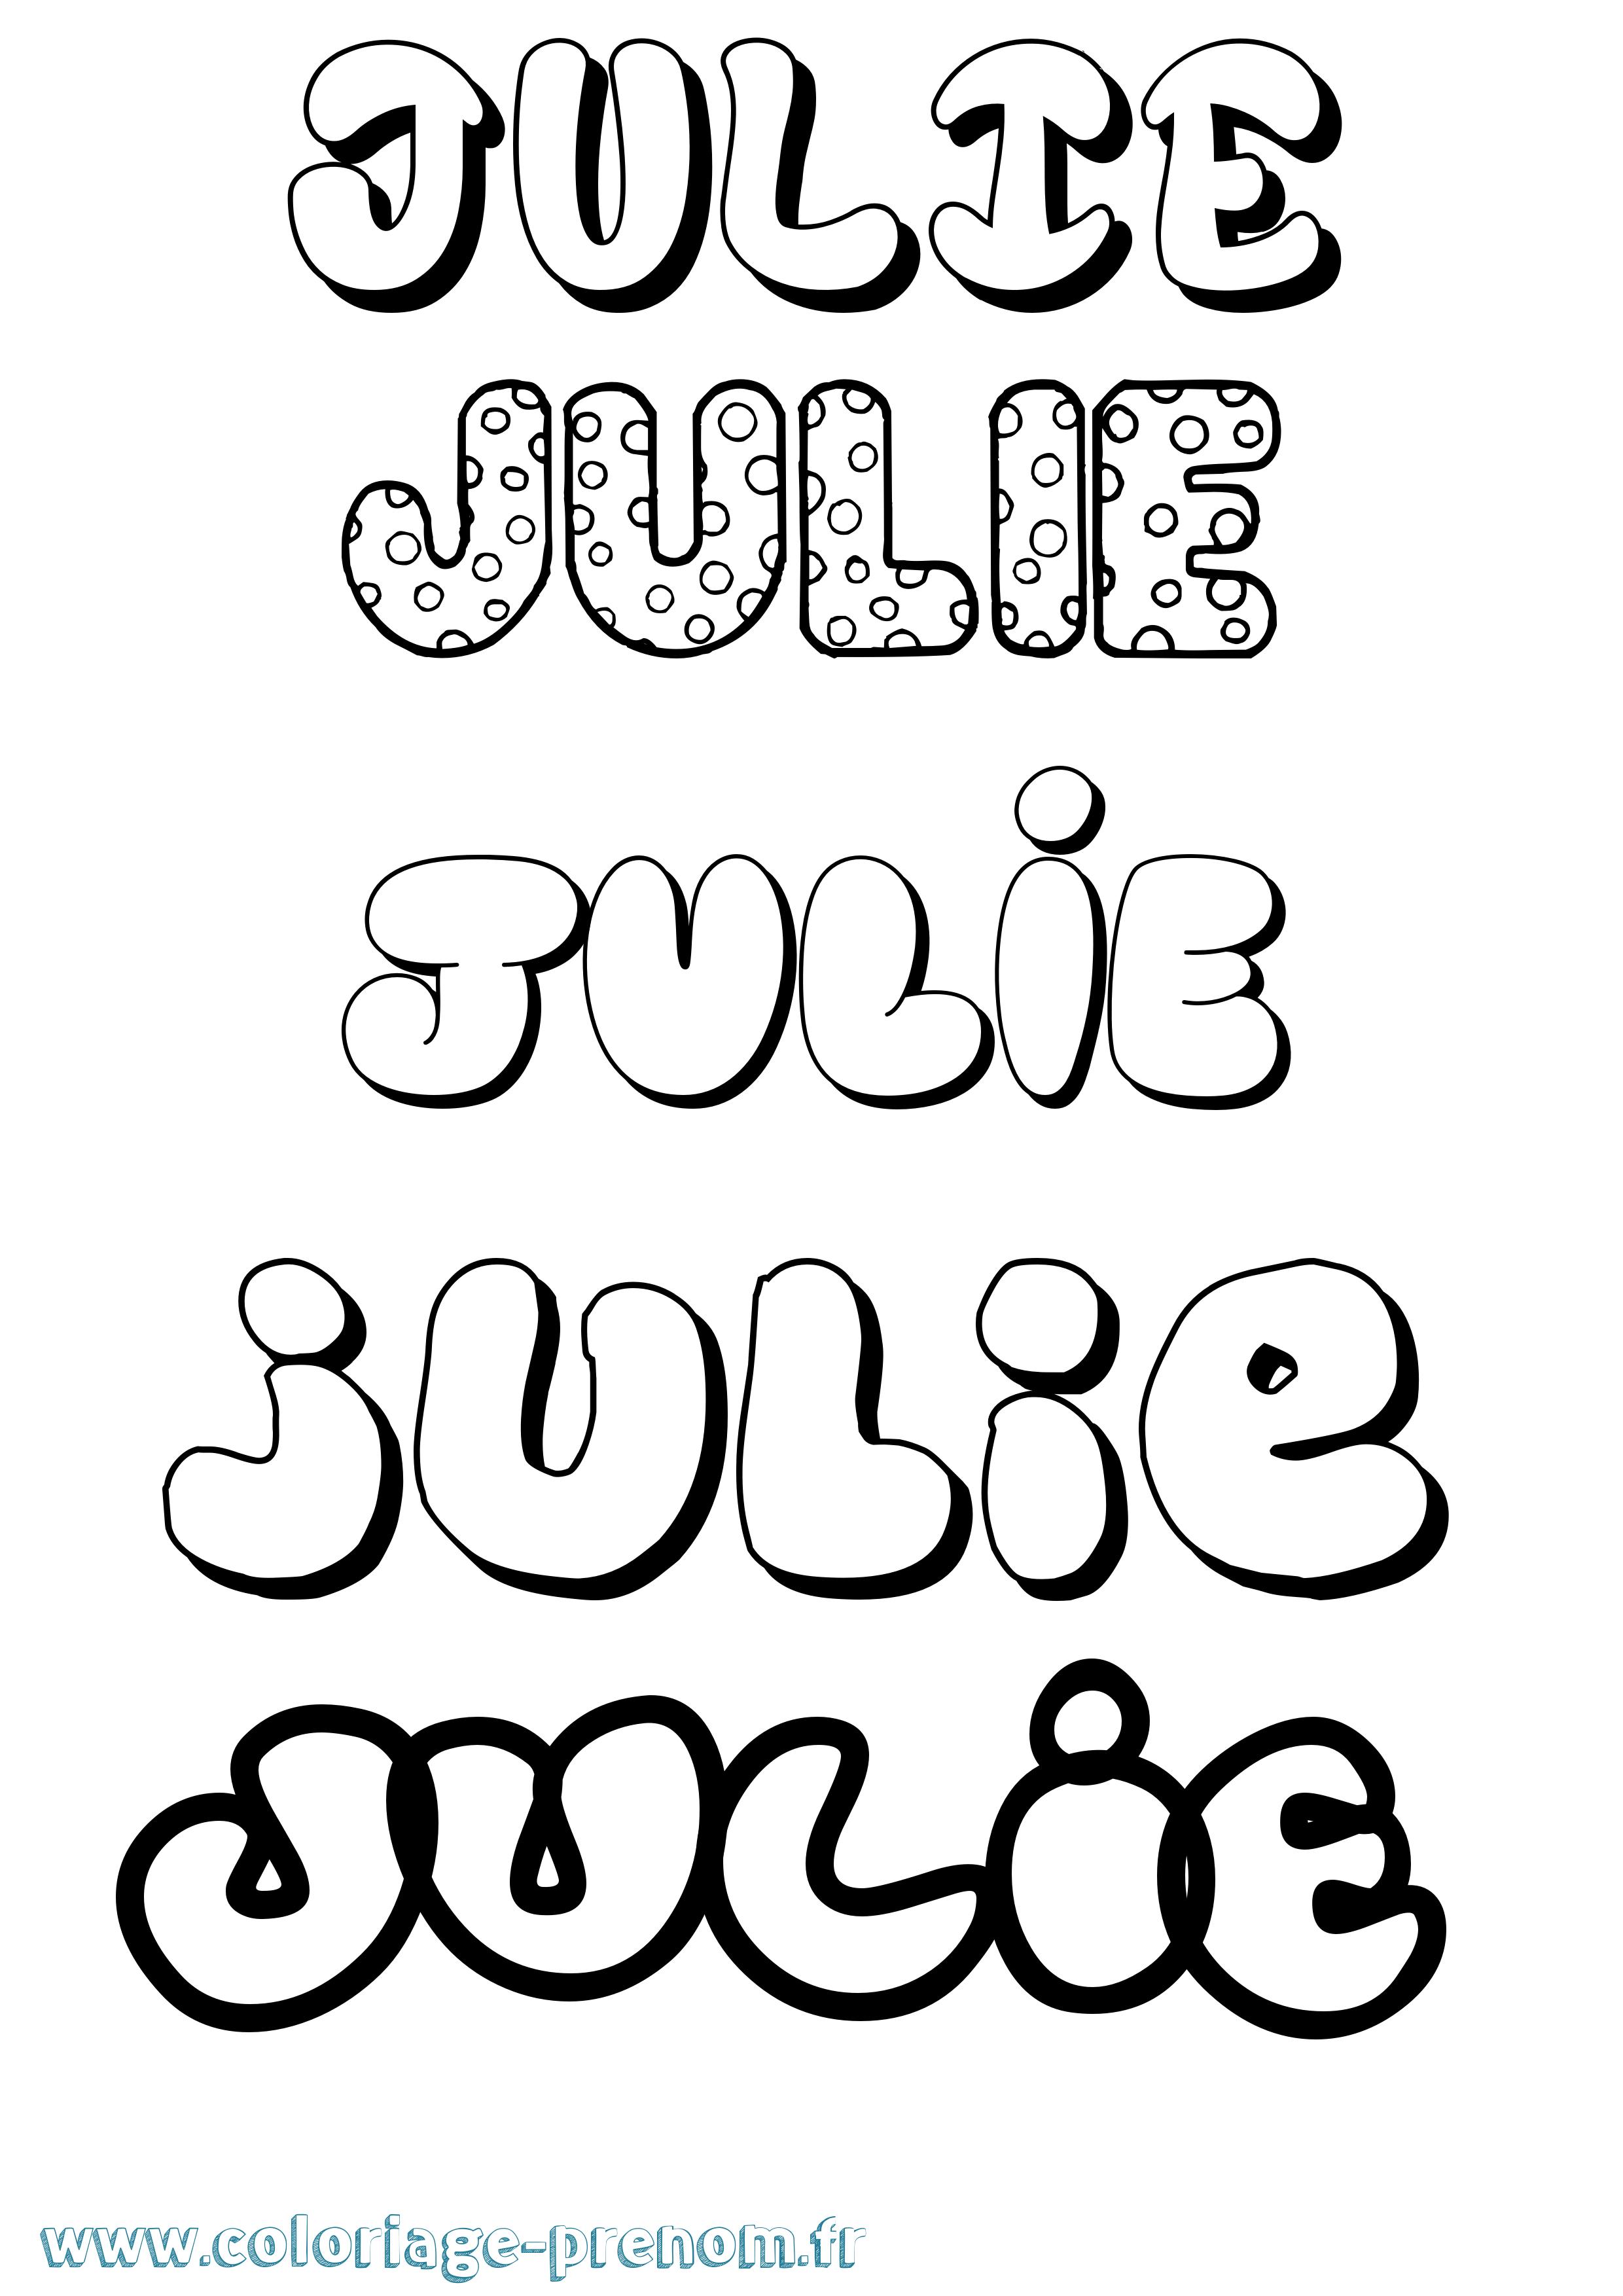 Coloriage du prénom Julie : à Imprimer ou Télécharger facilement